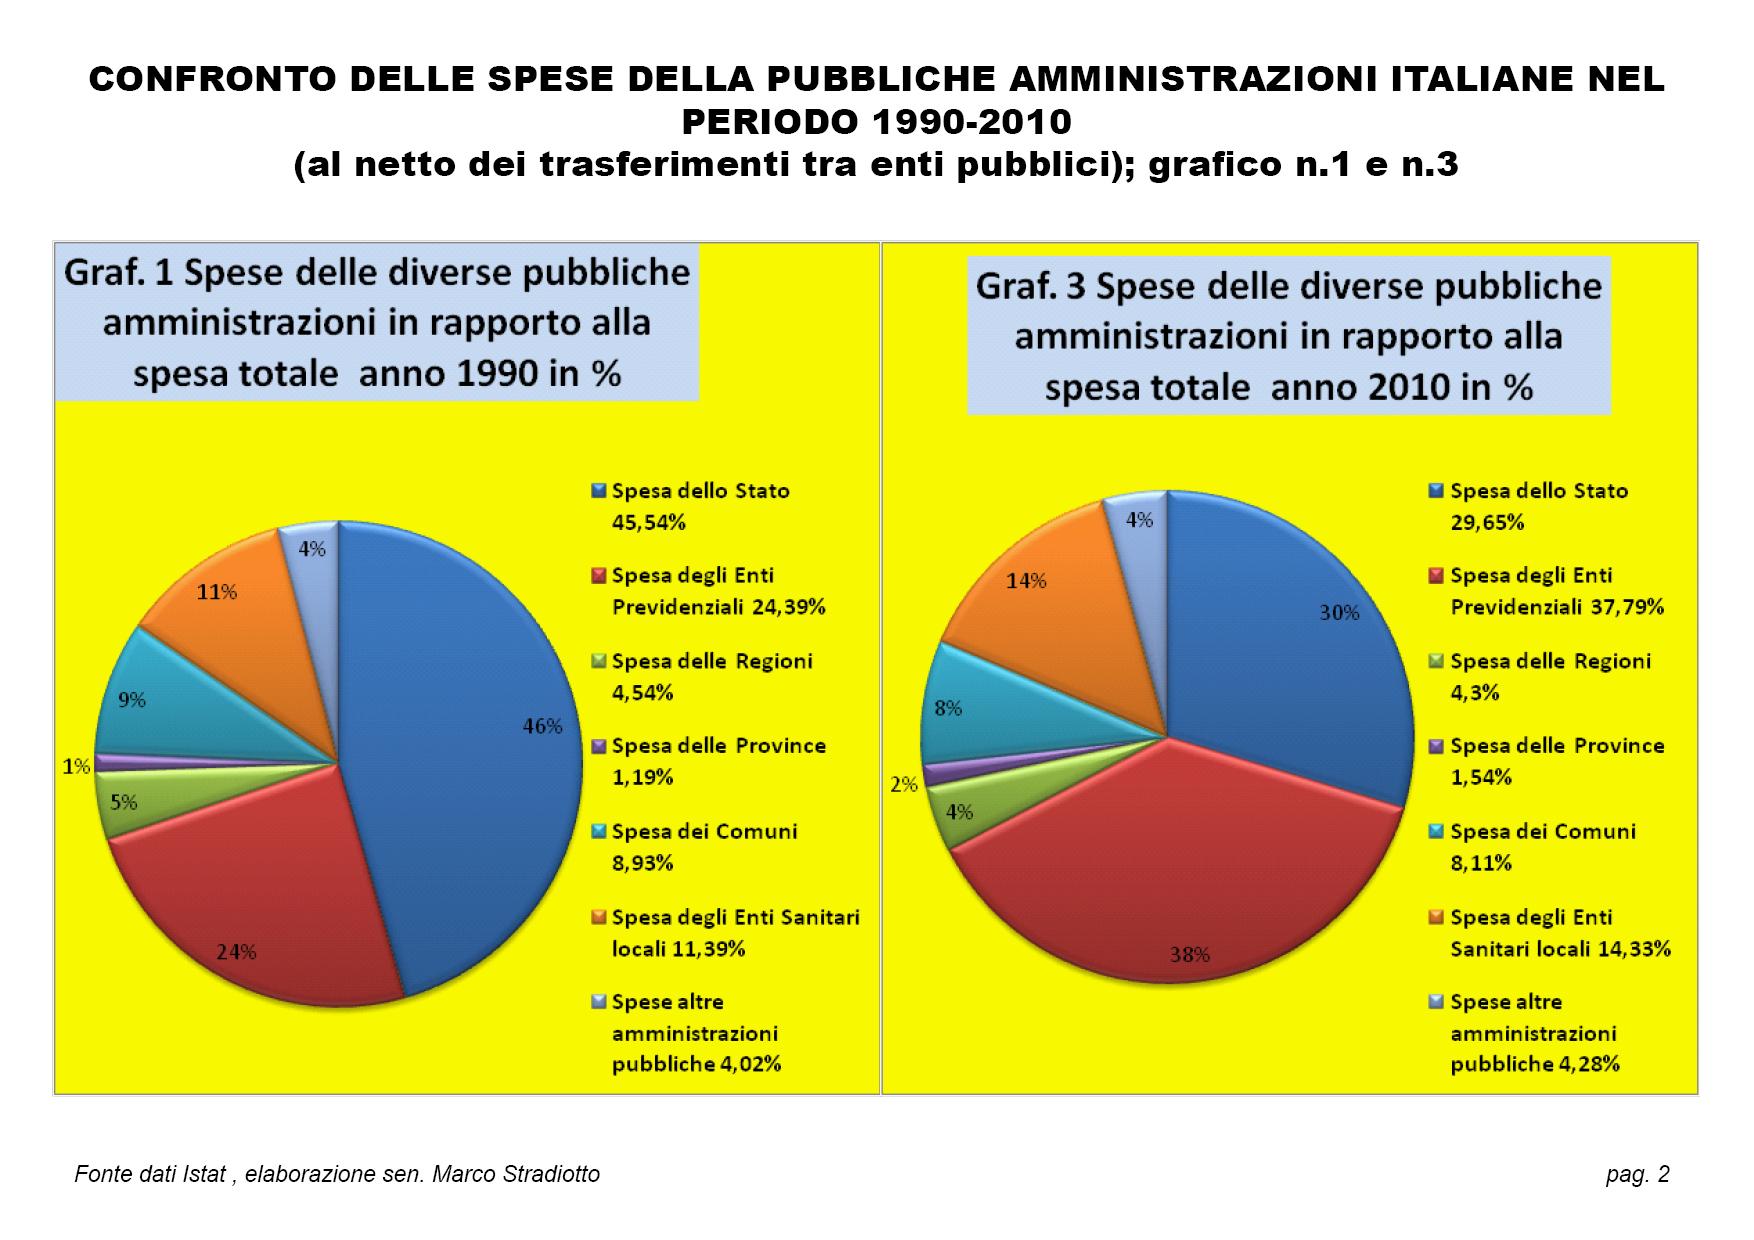 CONFRONTO DELLE SPESE DELLA P.A. NEL PERIODO 1990-2010 : LA SPESA PREVIDENZIALE PASSA DAL 24,39% al 37,79%